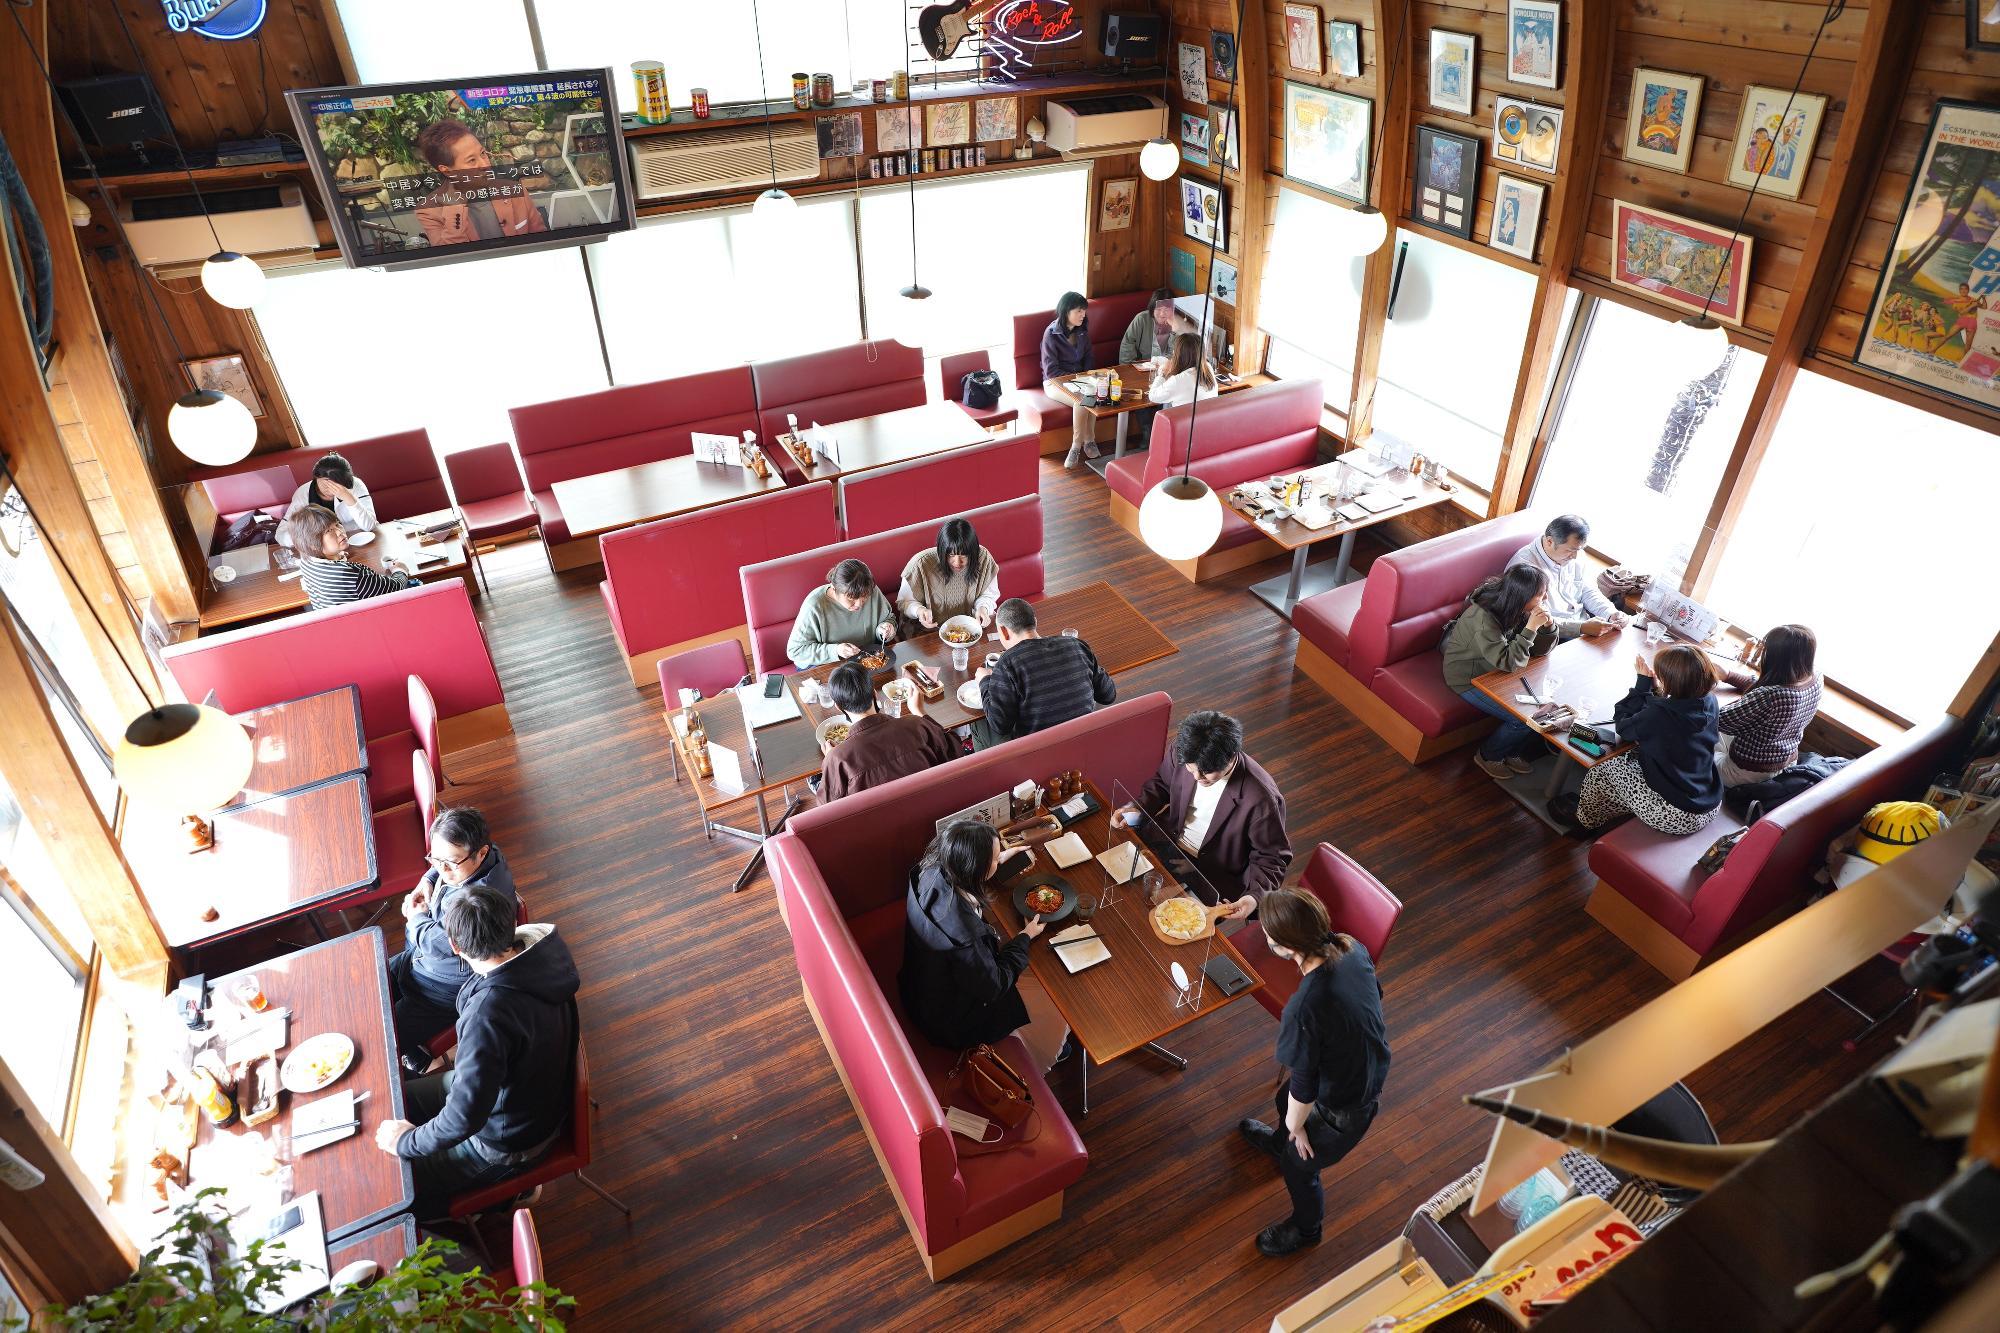 「グーギーズ カフェ」はアメリカンダイナーのテイスト漂うお店。店内はほぼ満席で若いカップル、ファミリーなど地元のいろんな人たちが訪れていました